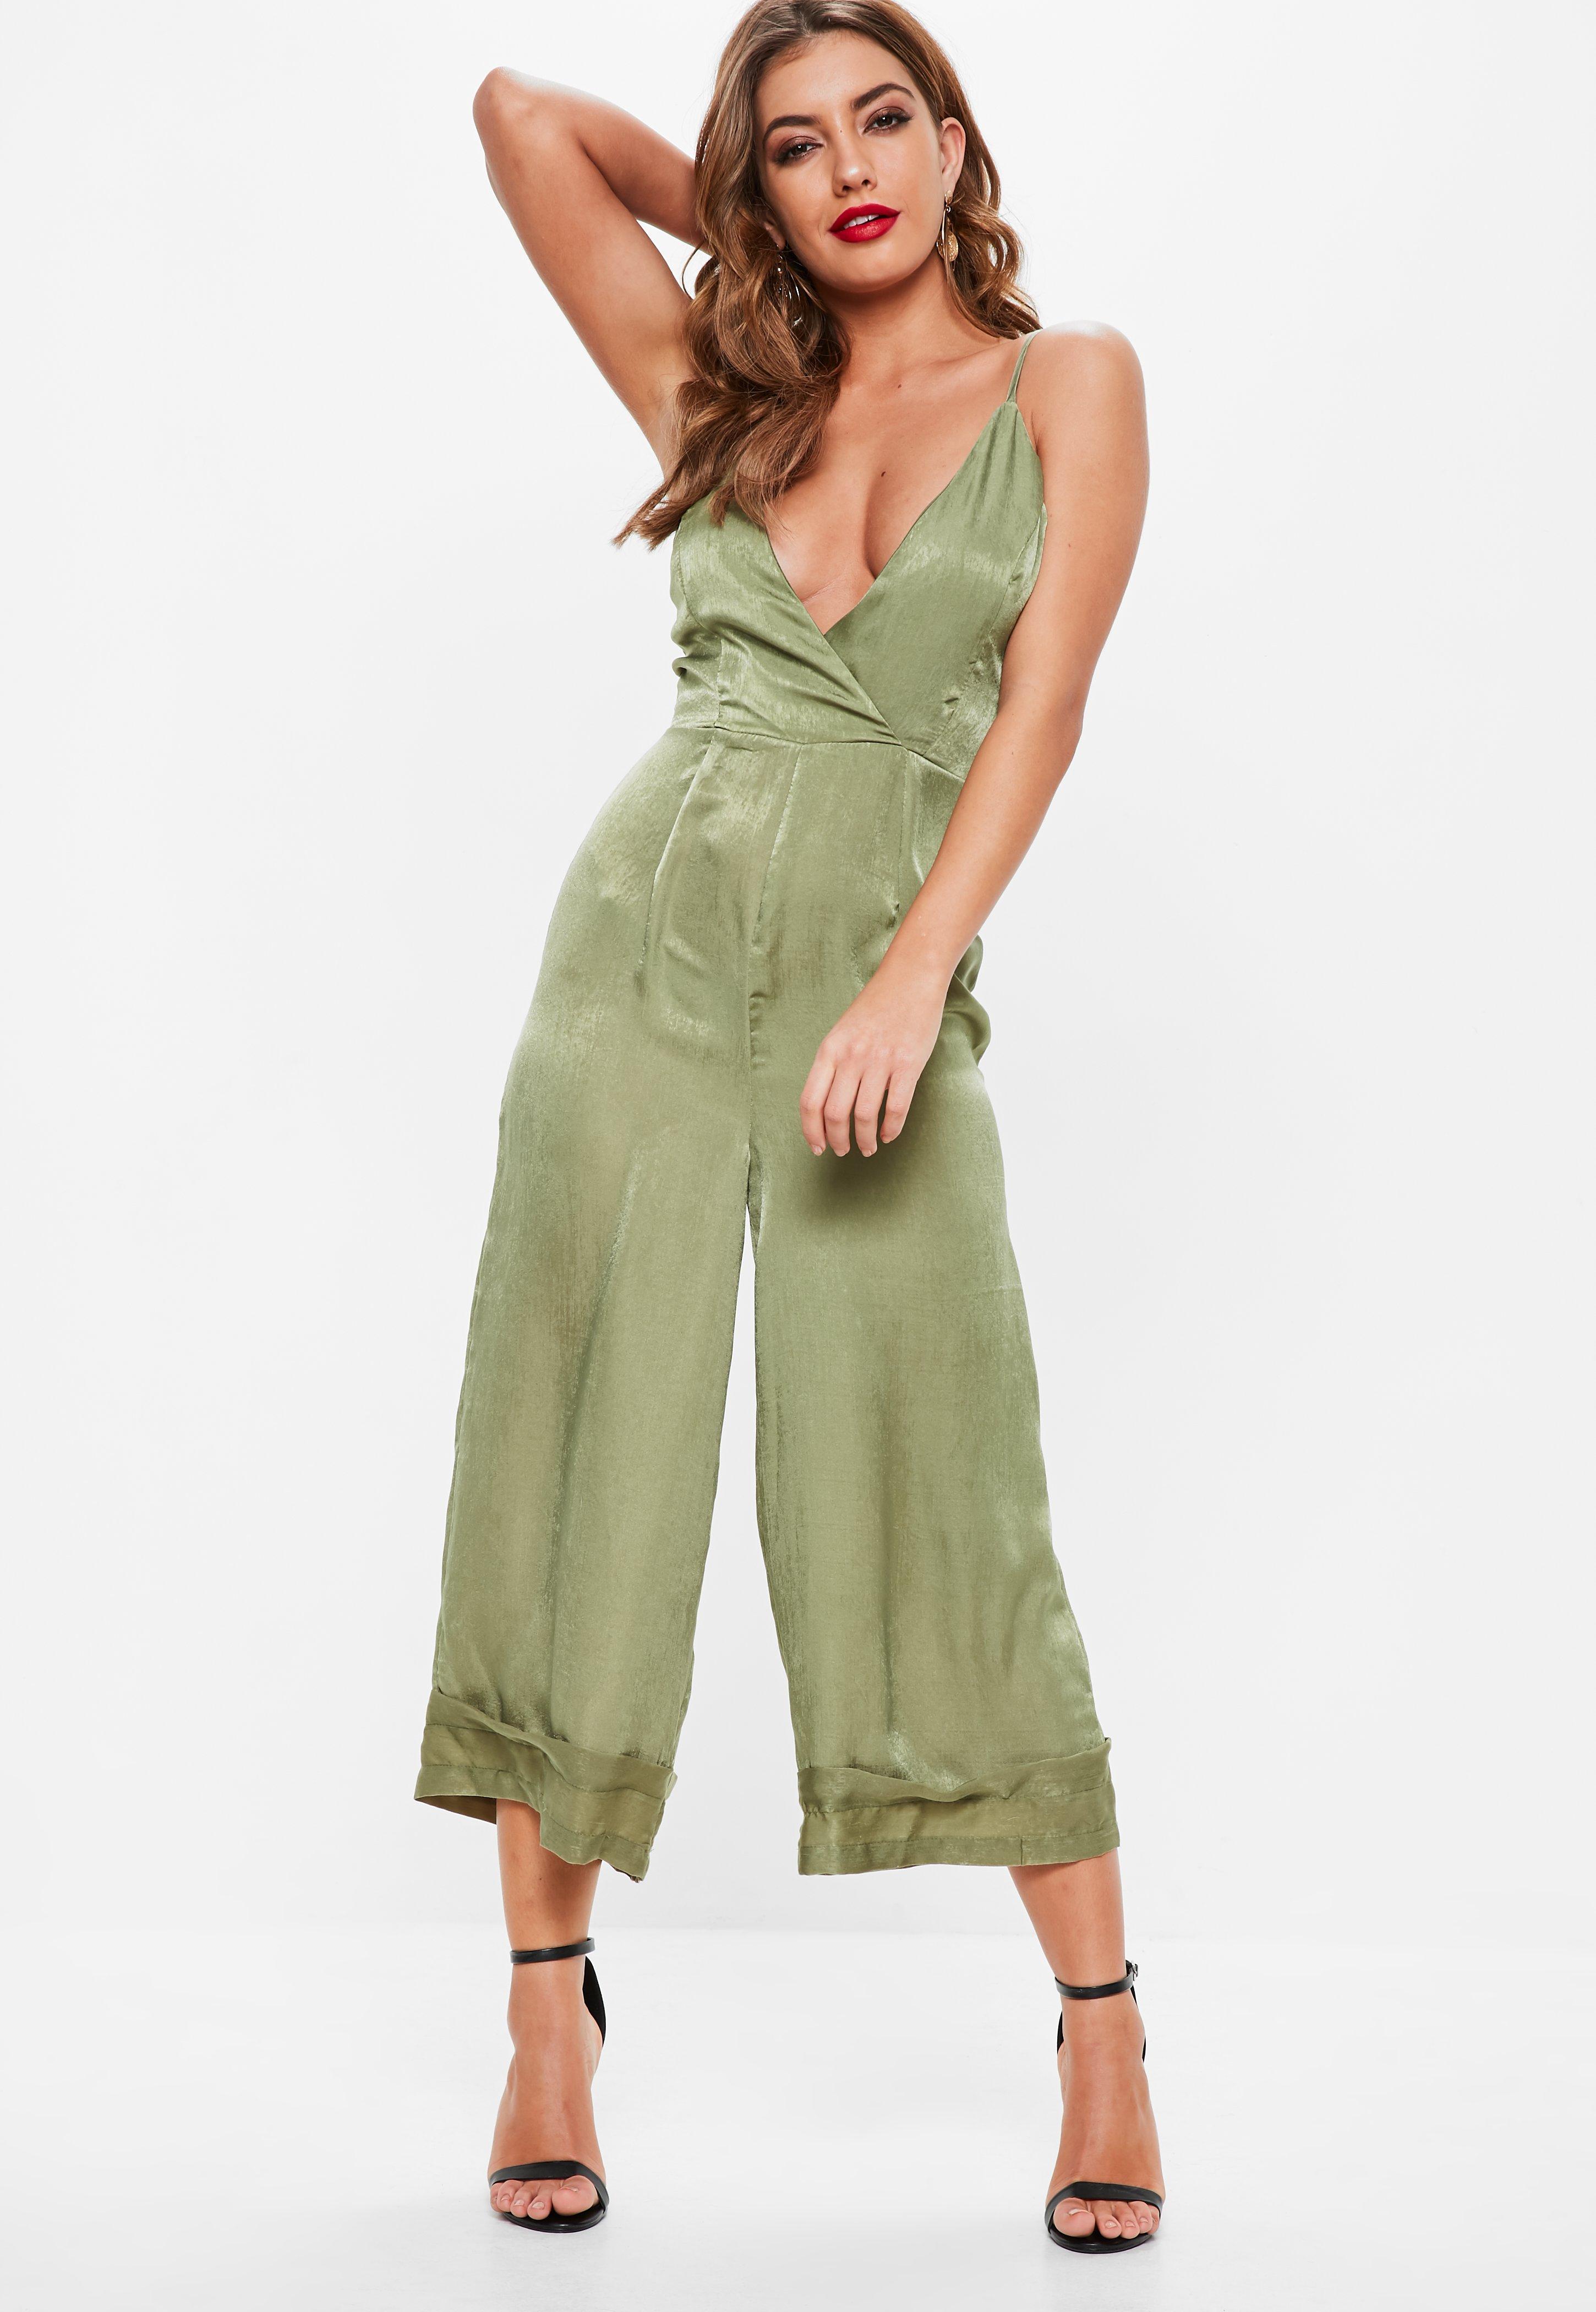 cc2e8cb6cfc0 Khaki Cami Deep Cuff Culotte Jumpsuit